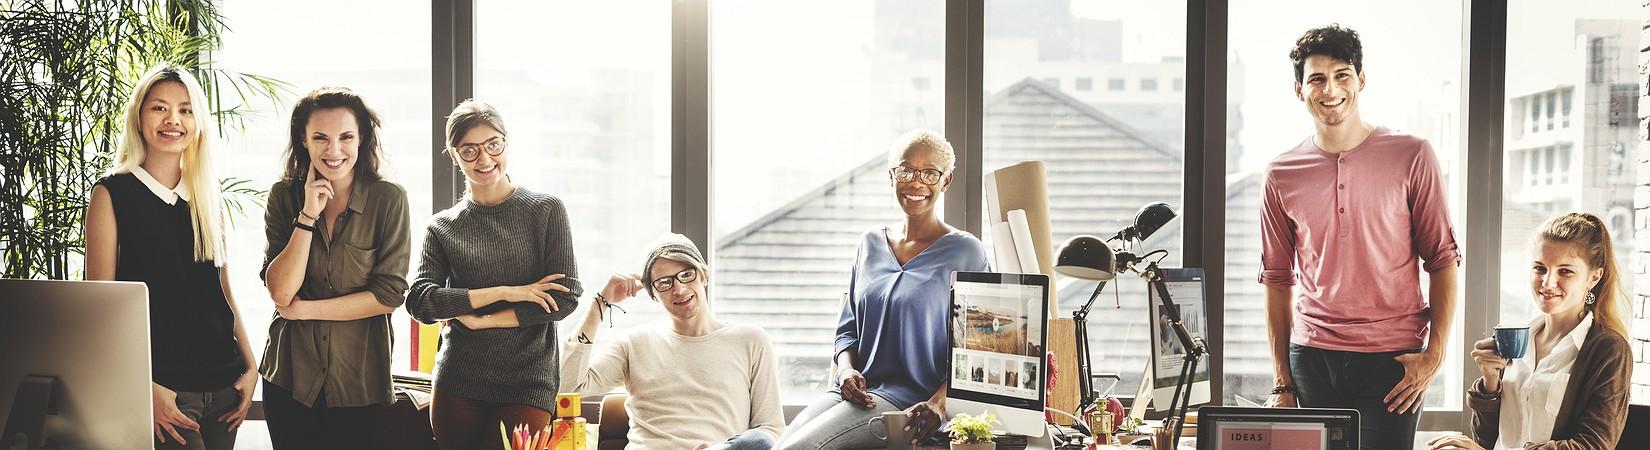 14 cosas que las personas exitosas hacen la primera semana en un nuevo empleo